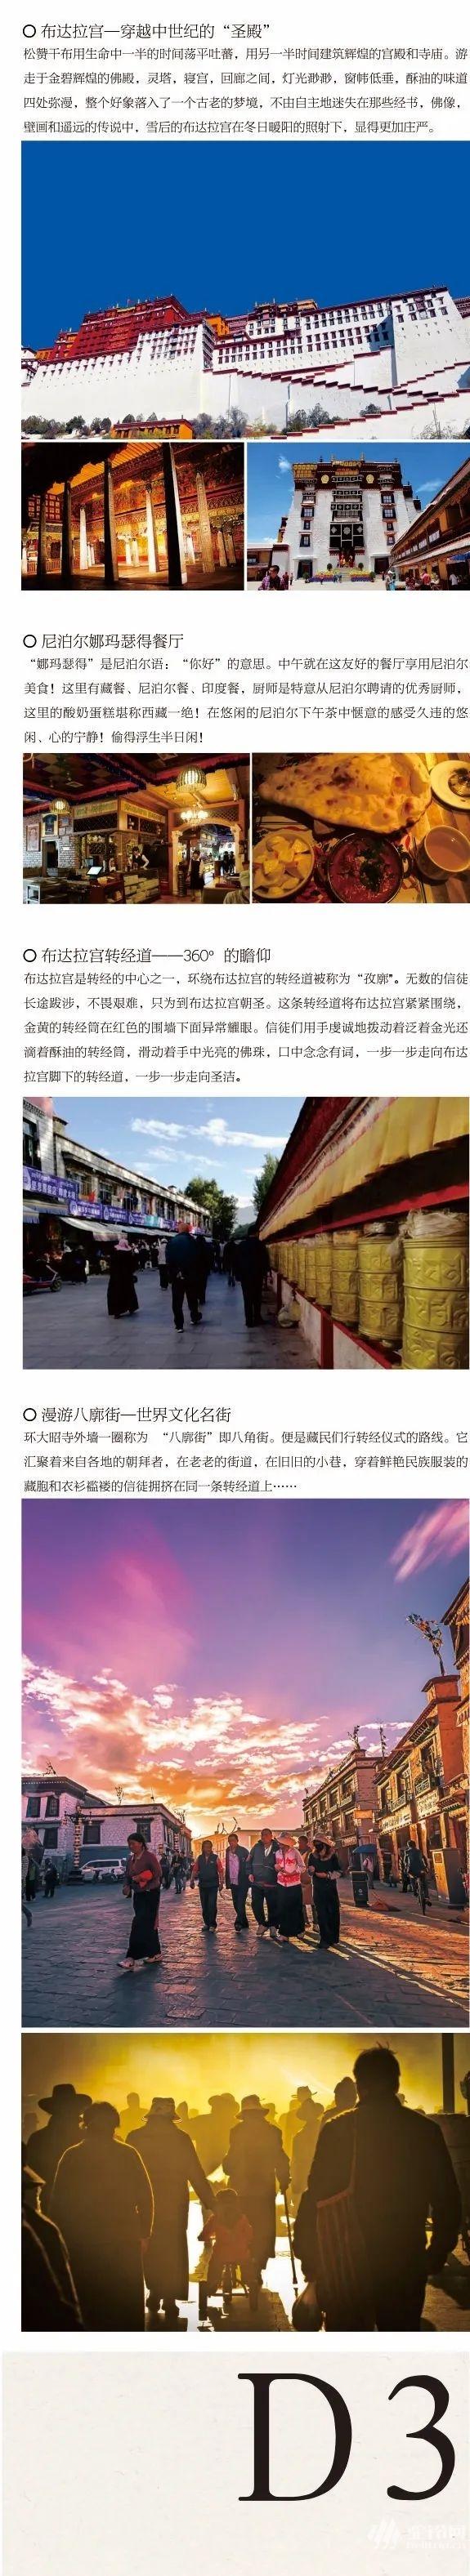 (5)世界级旅行·在西藏8天·小众旅行·10人小包团-户外活动图-驼铃网